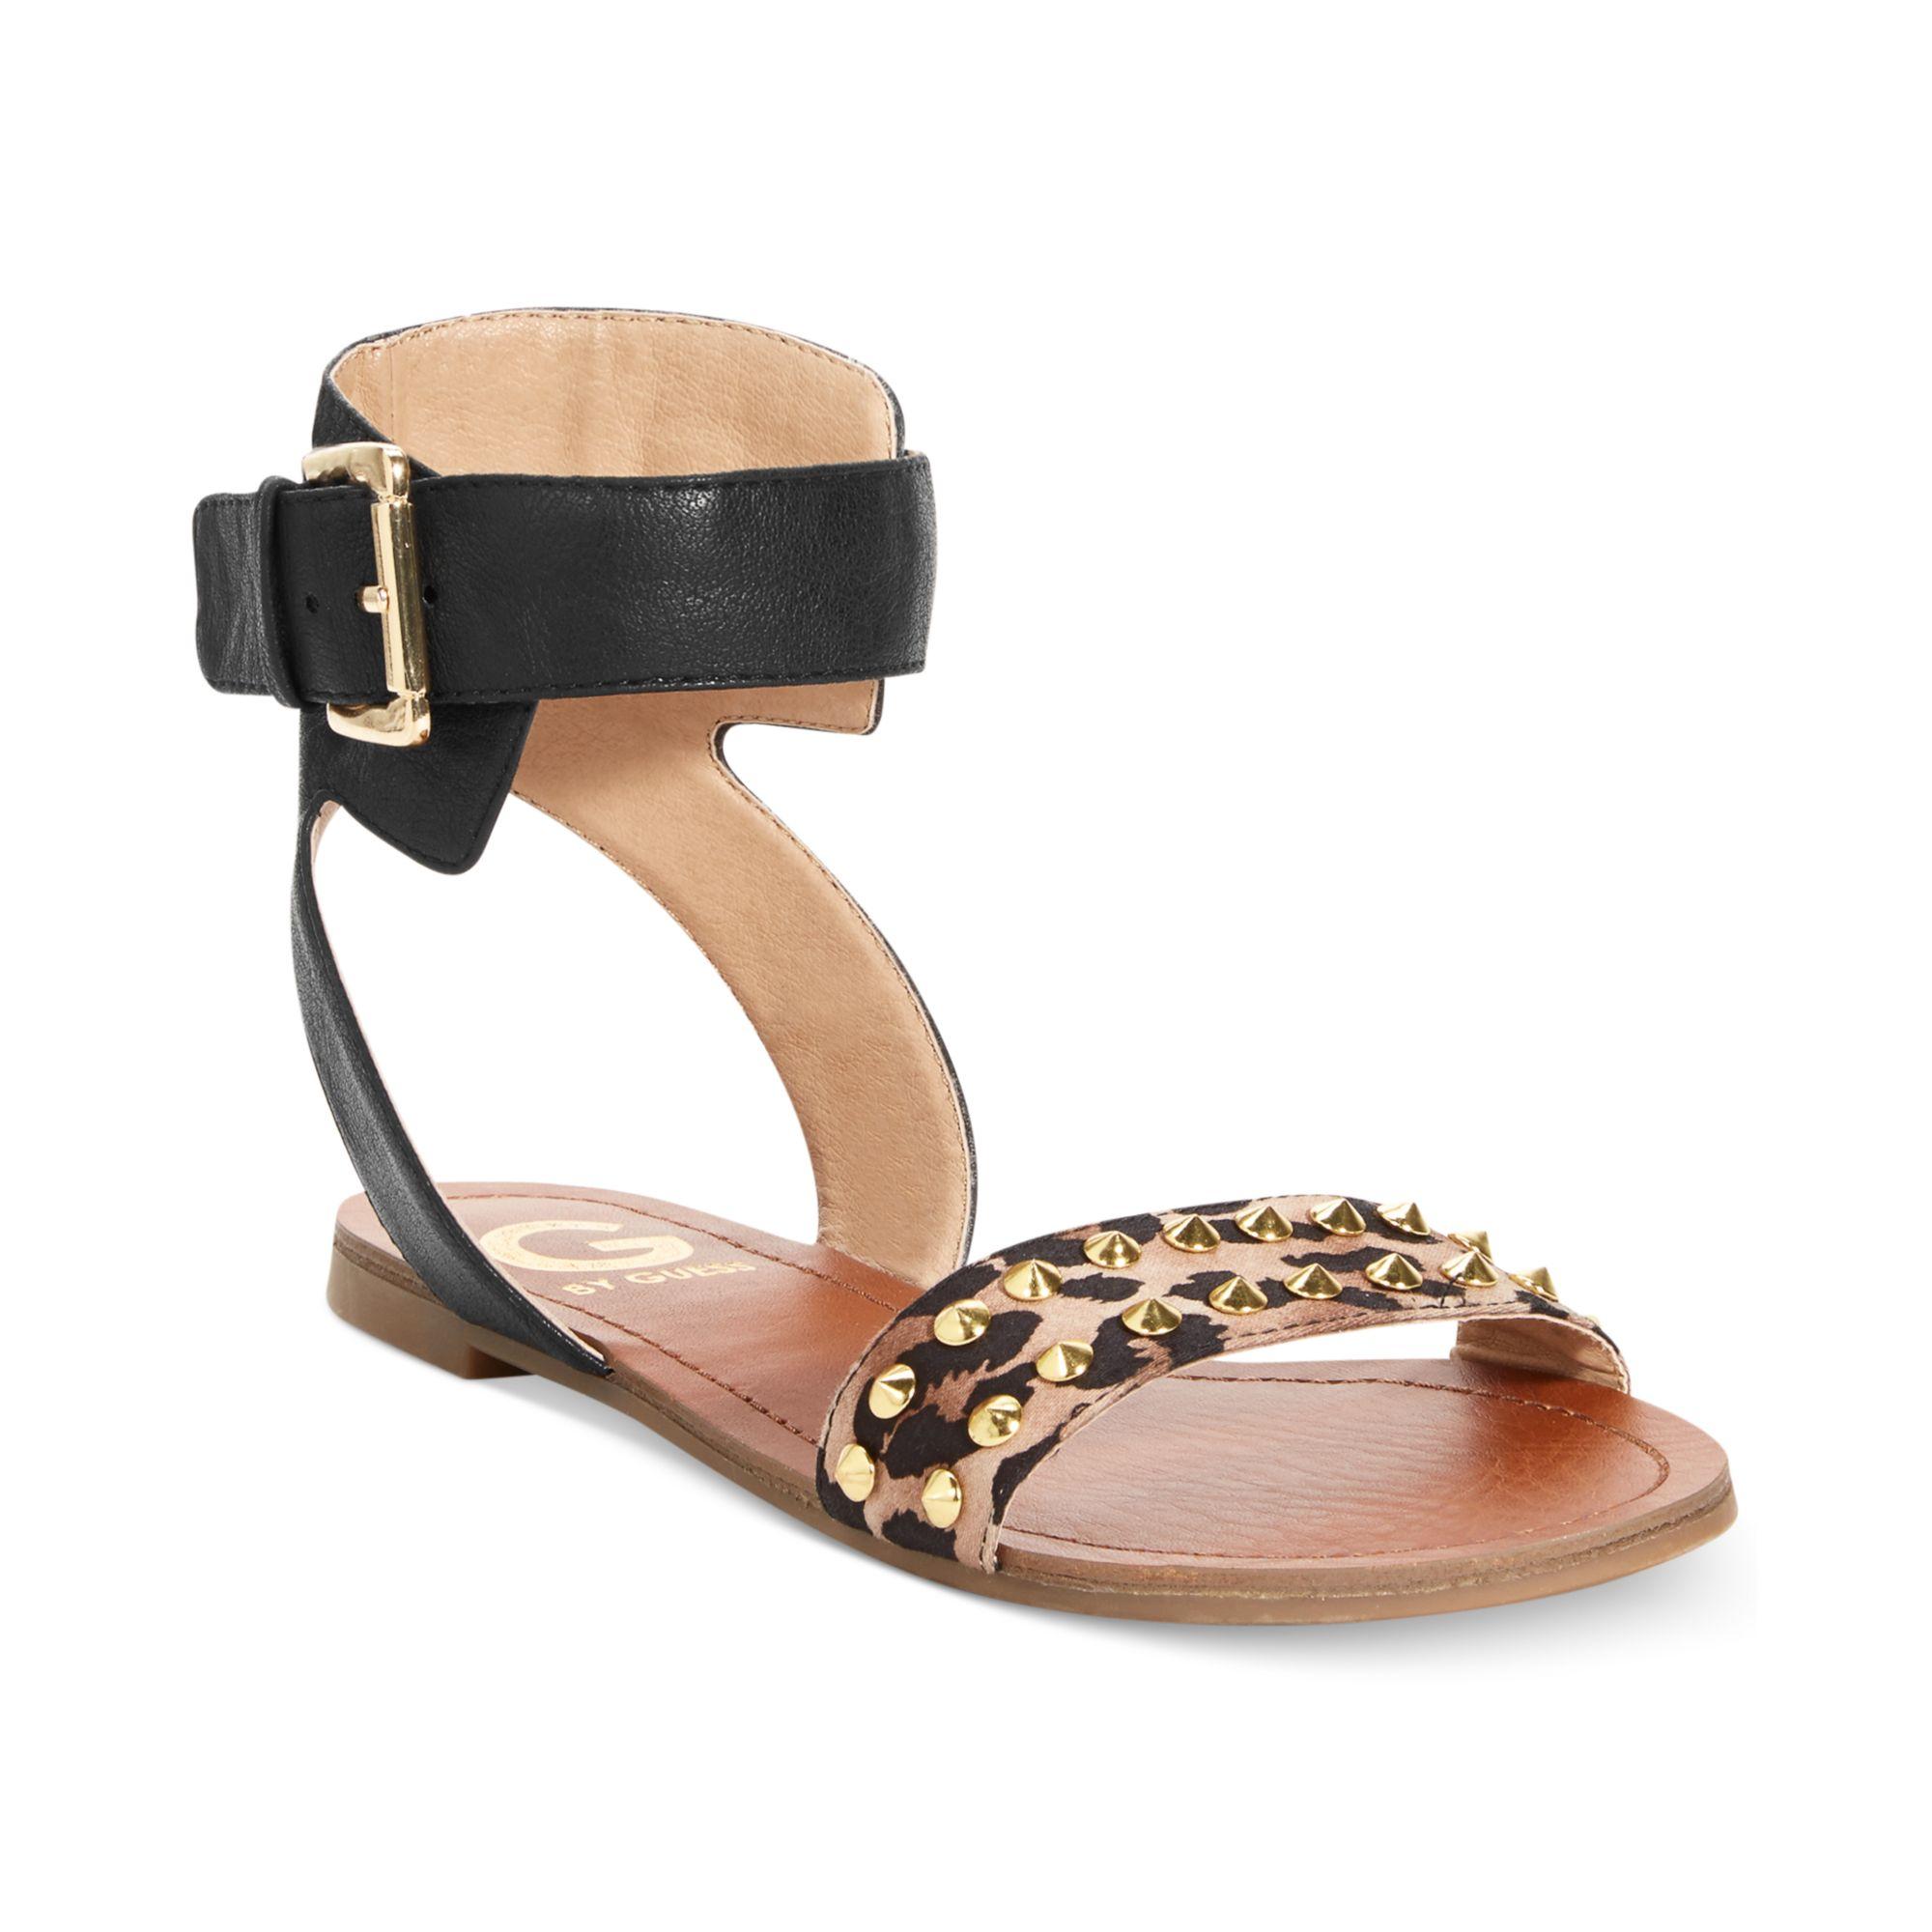 6da13e67ee6 Lyst - G by Guess Womens Keeper Flat Sandals